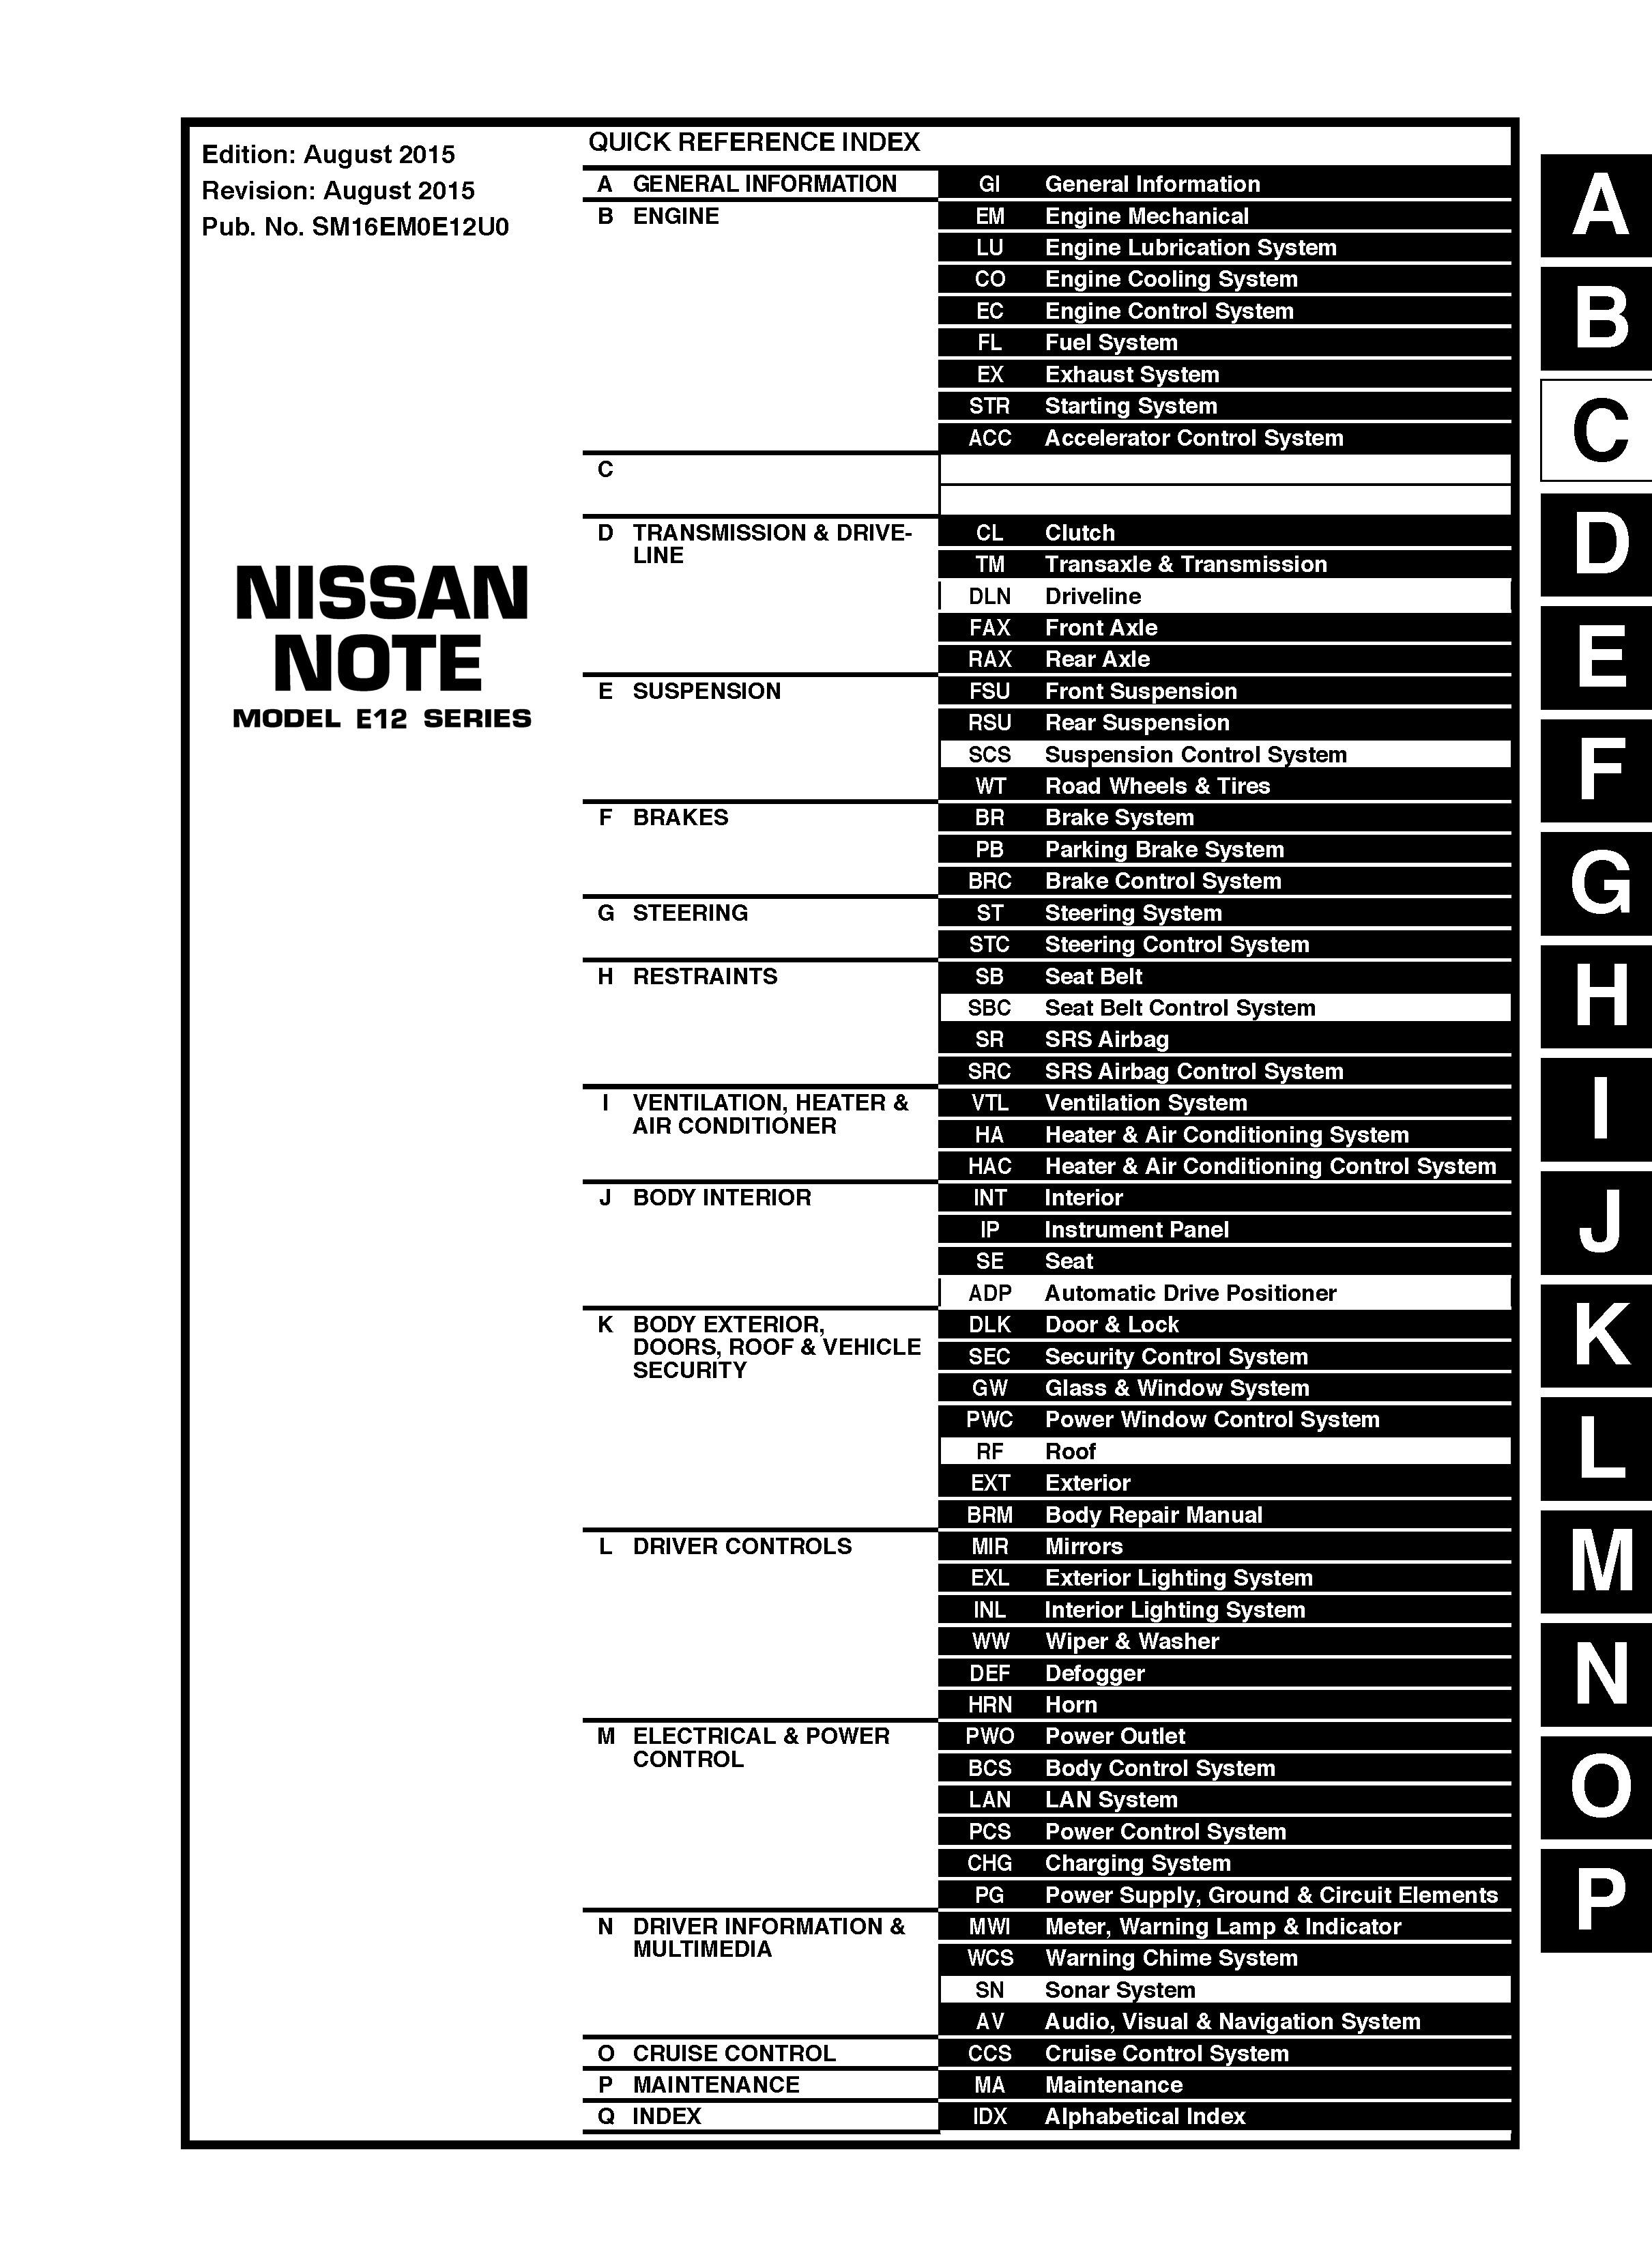 nissan versa note model  series oem service